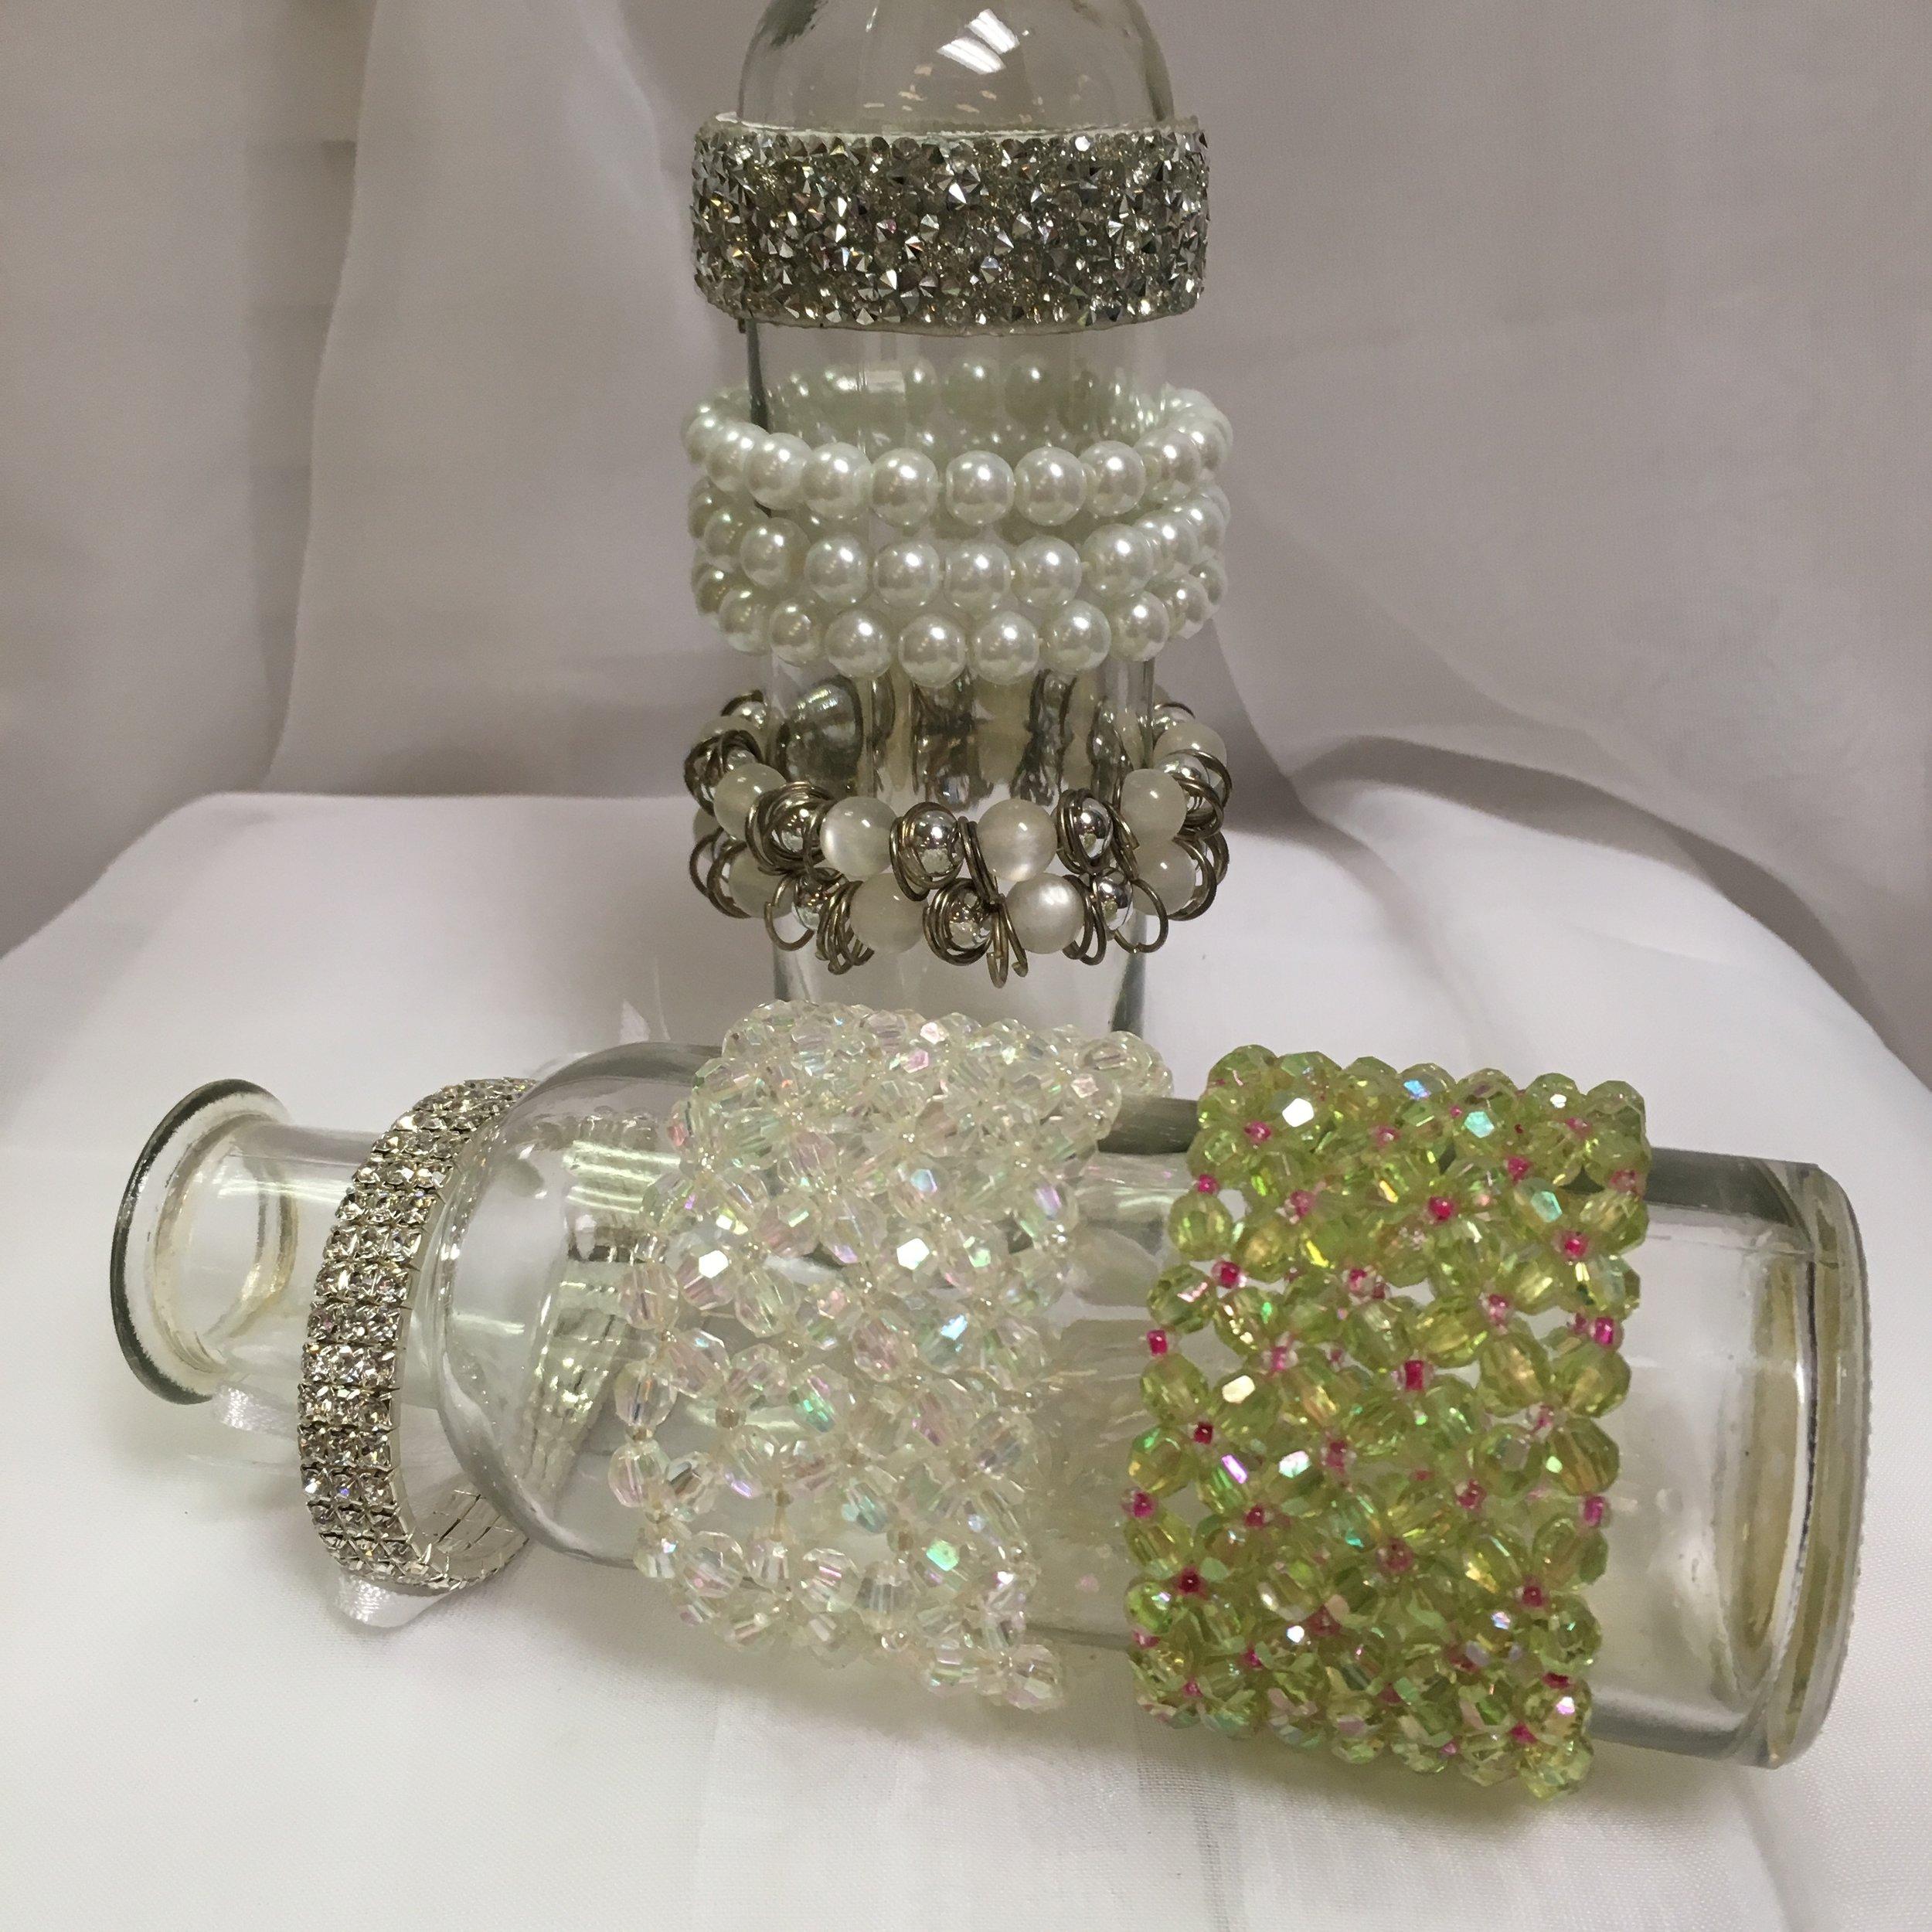 Plus Bracelets